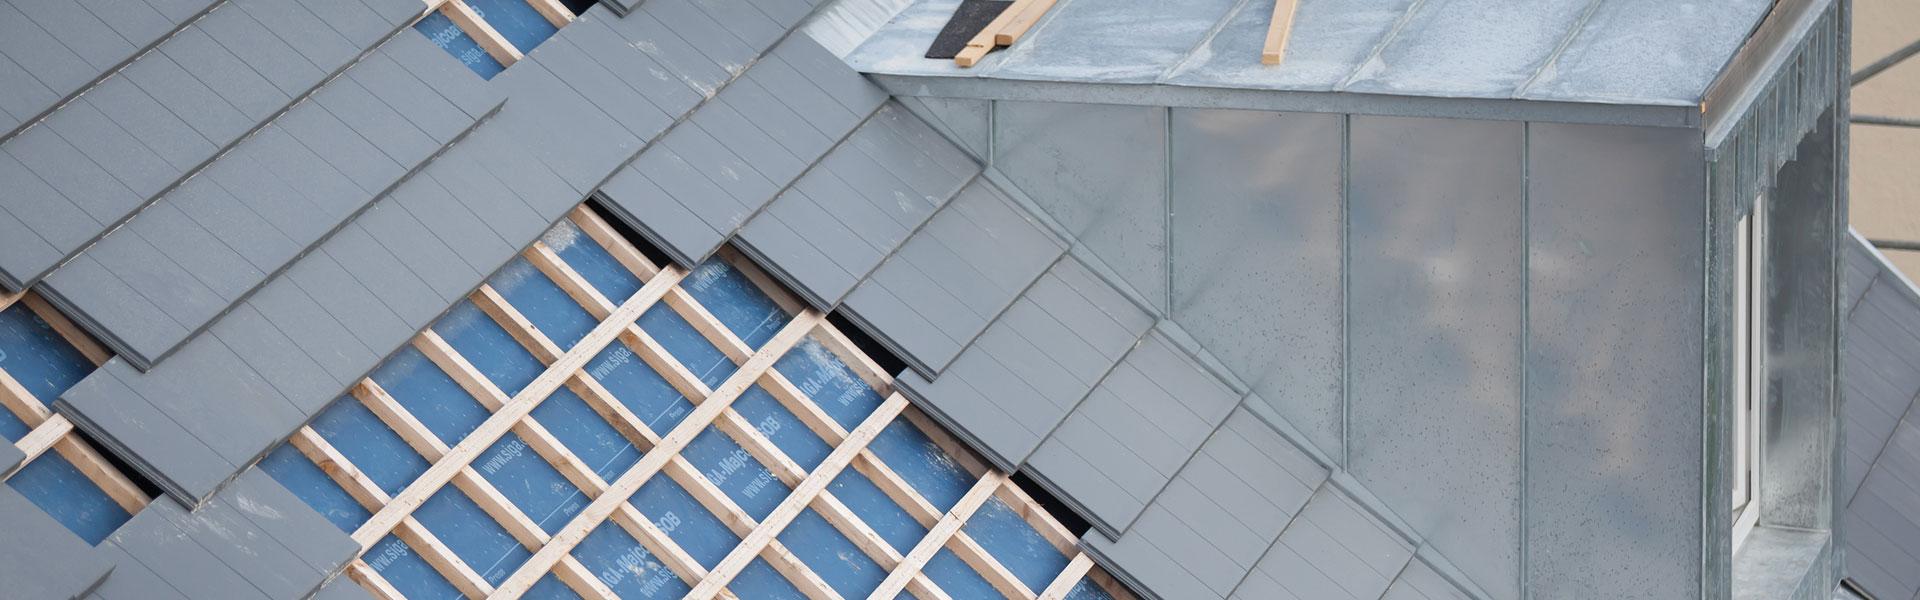 Sehr Dacheindeckung - joos-holzbau.de FC08